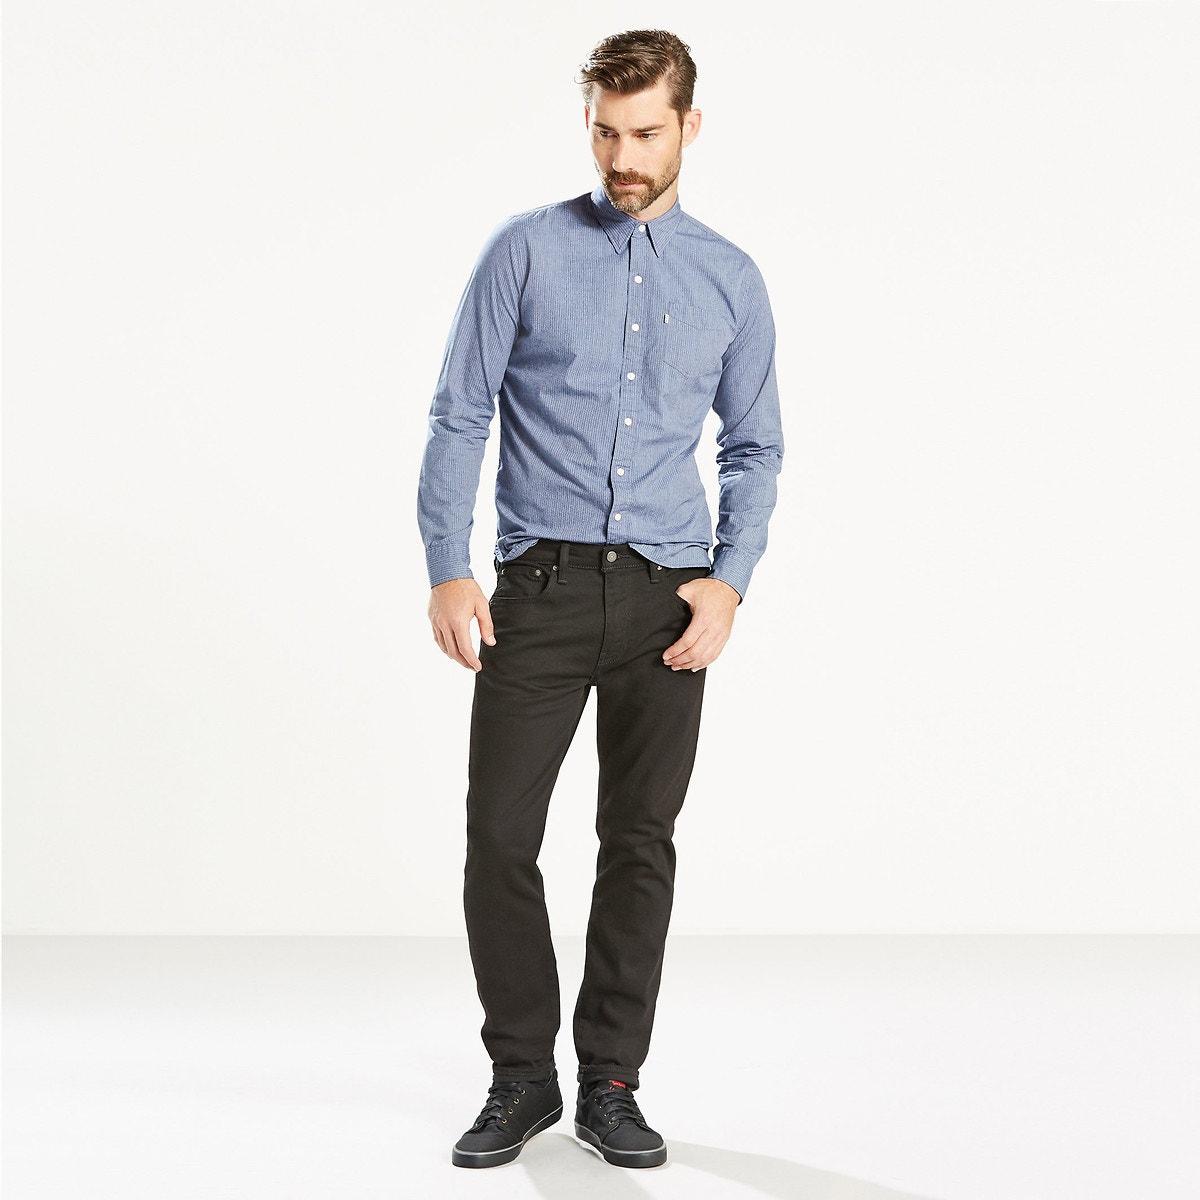 502 Regular Taper Straight Leg Denim Jeans